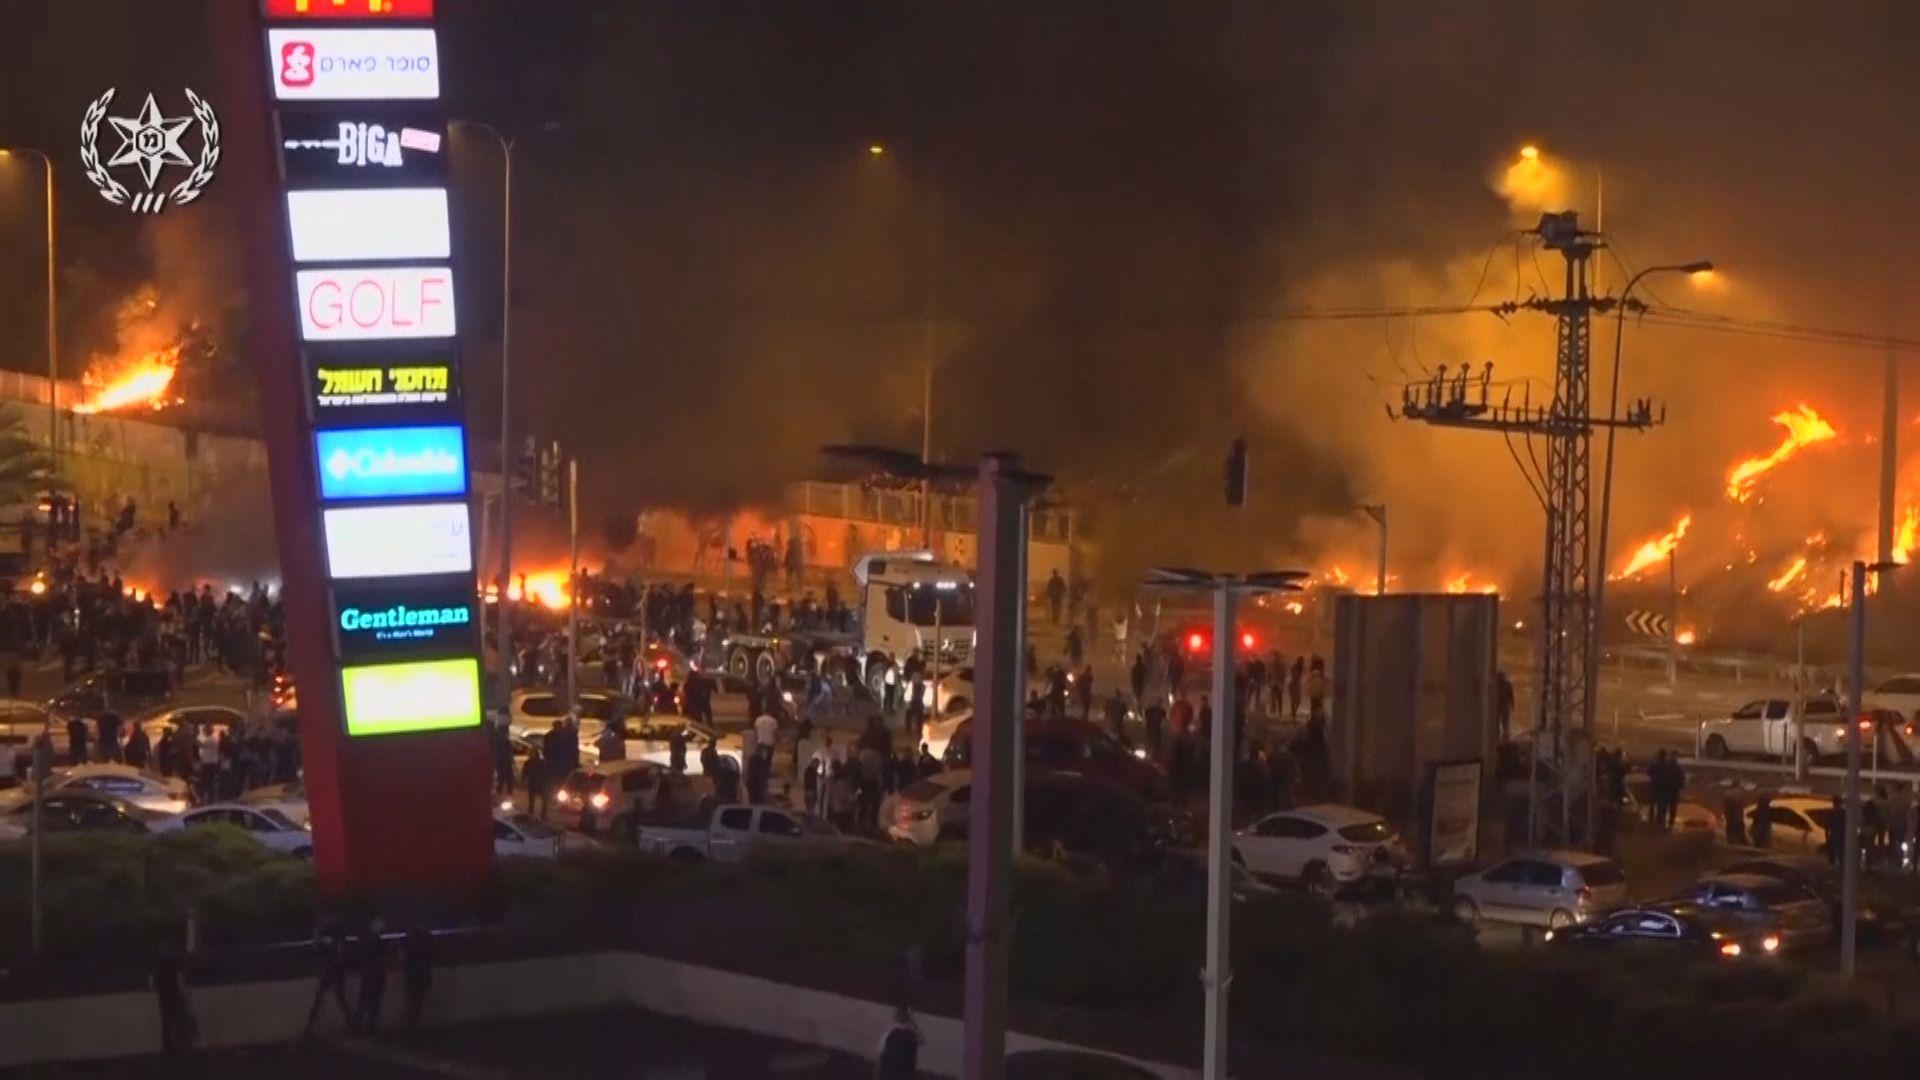 以巴衝突升級恐爆發全面戰爭 聯合國安理會開會商討